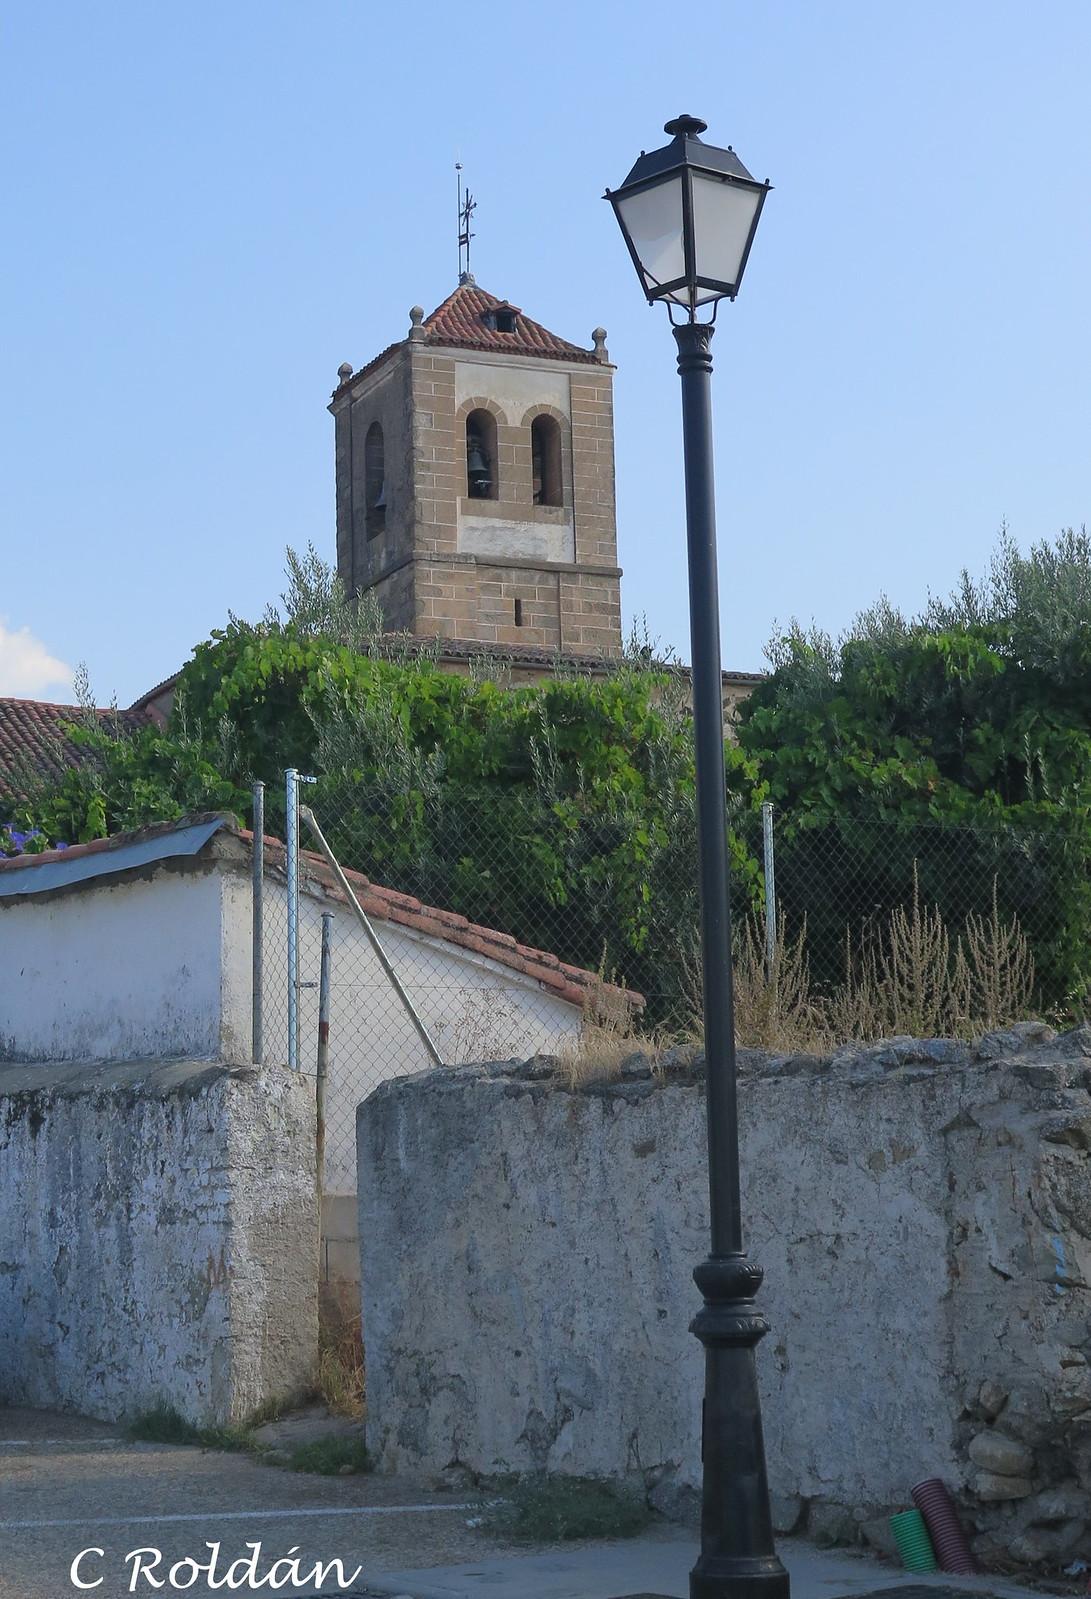 Iglesia de Nuestra Señora de la Asunción (Candeleda)